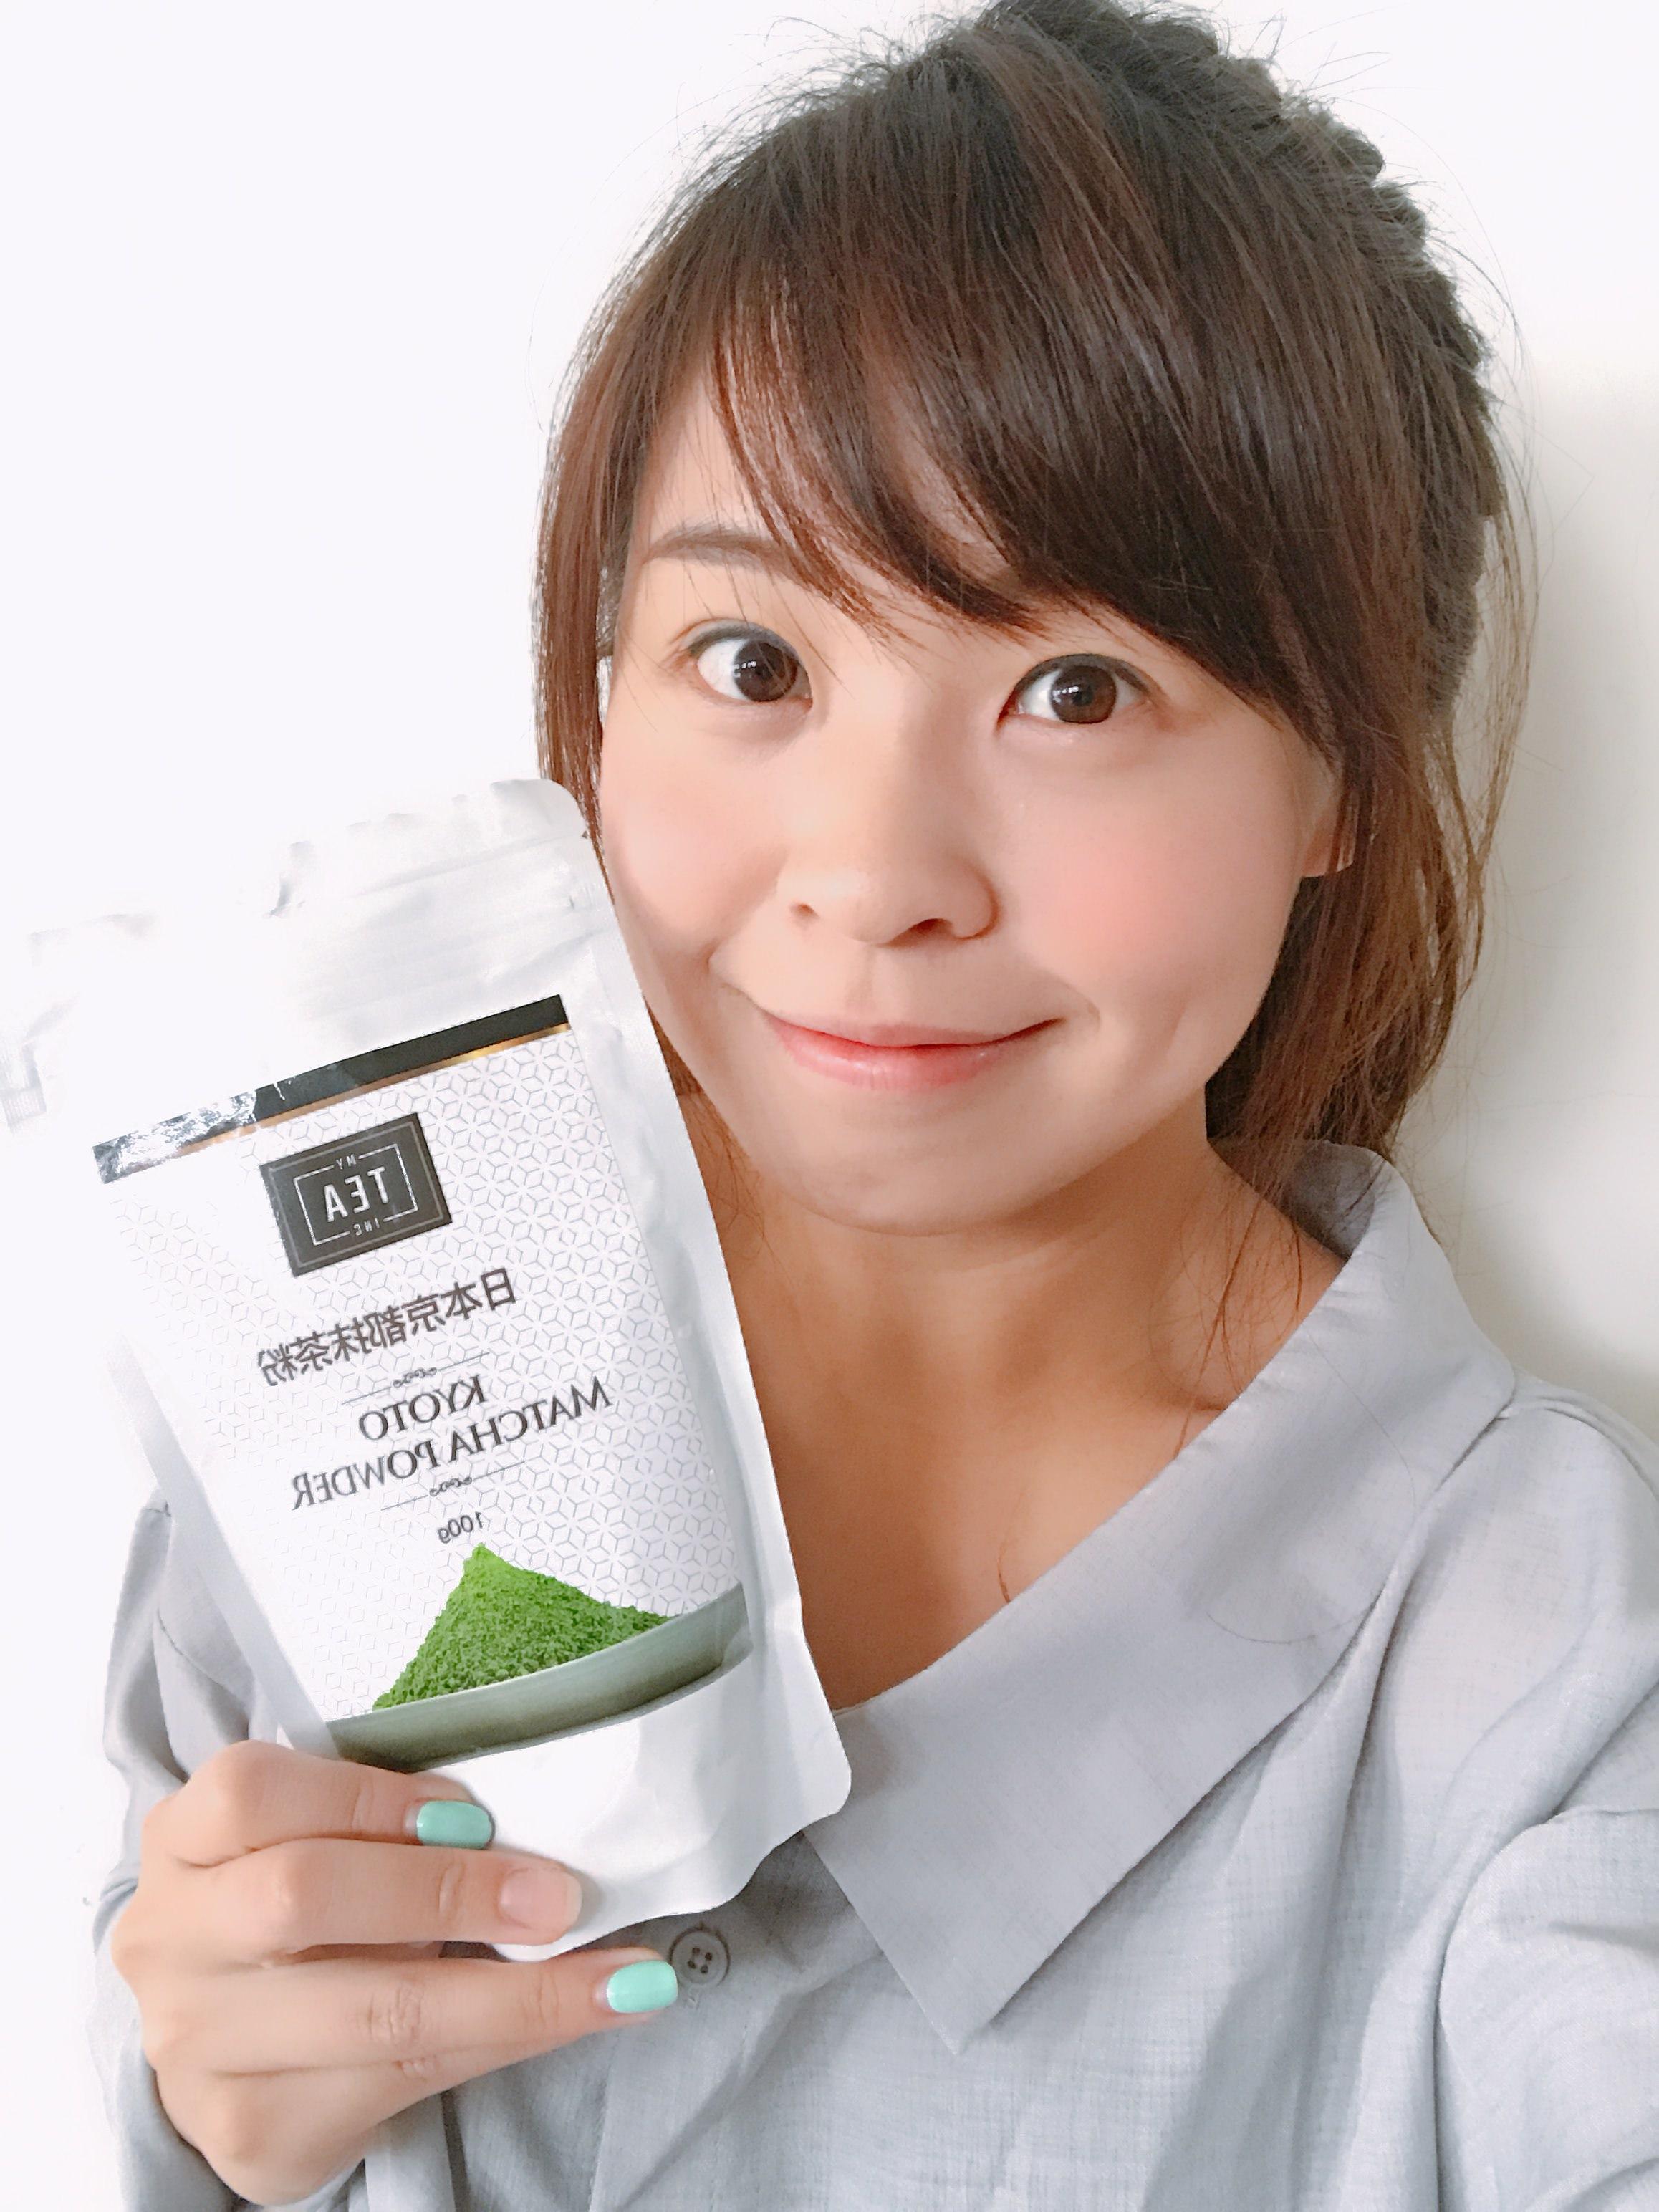 中藥行的女兒特輯│一抹小清新:京都抹茶蜜青檸